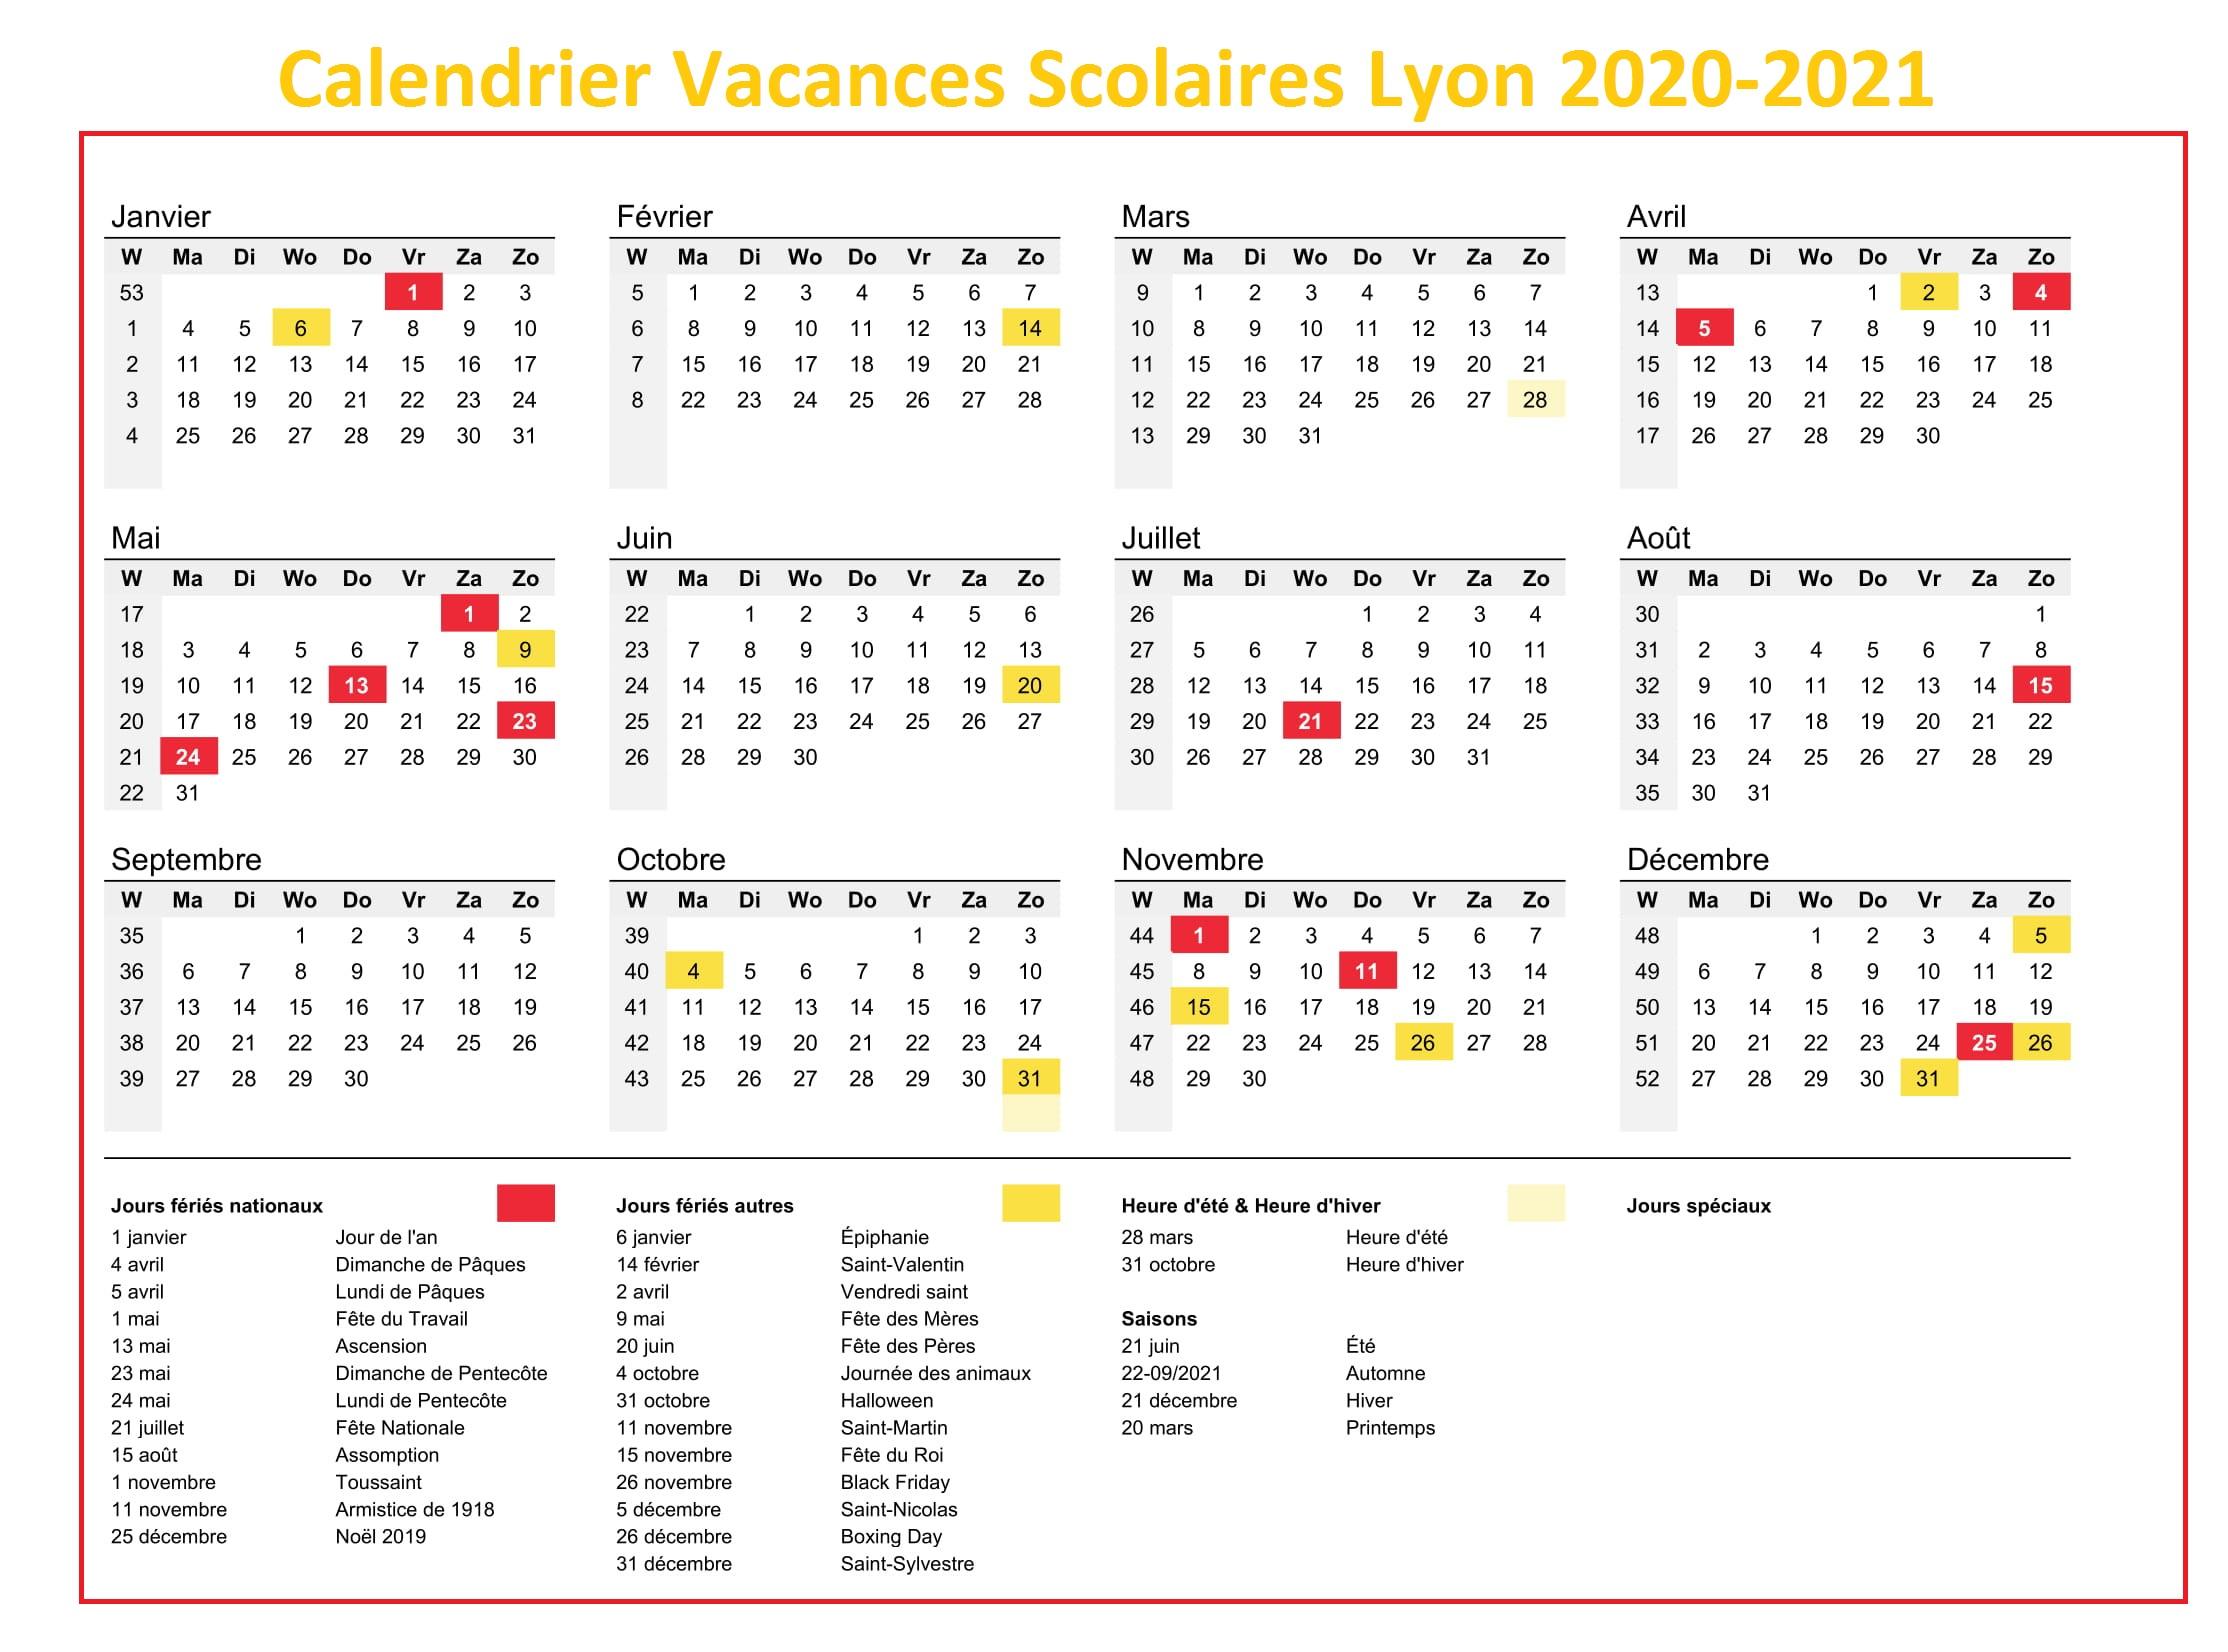 Lyon Calendrier Vacances Scolaires 2020